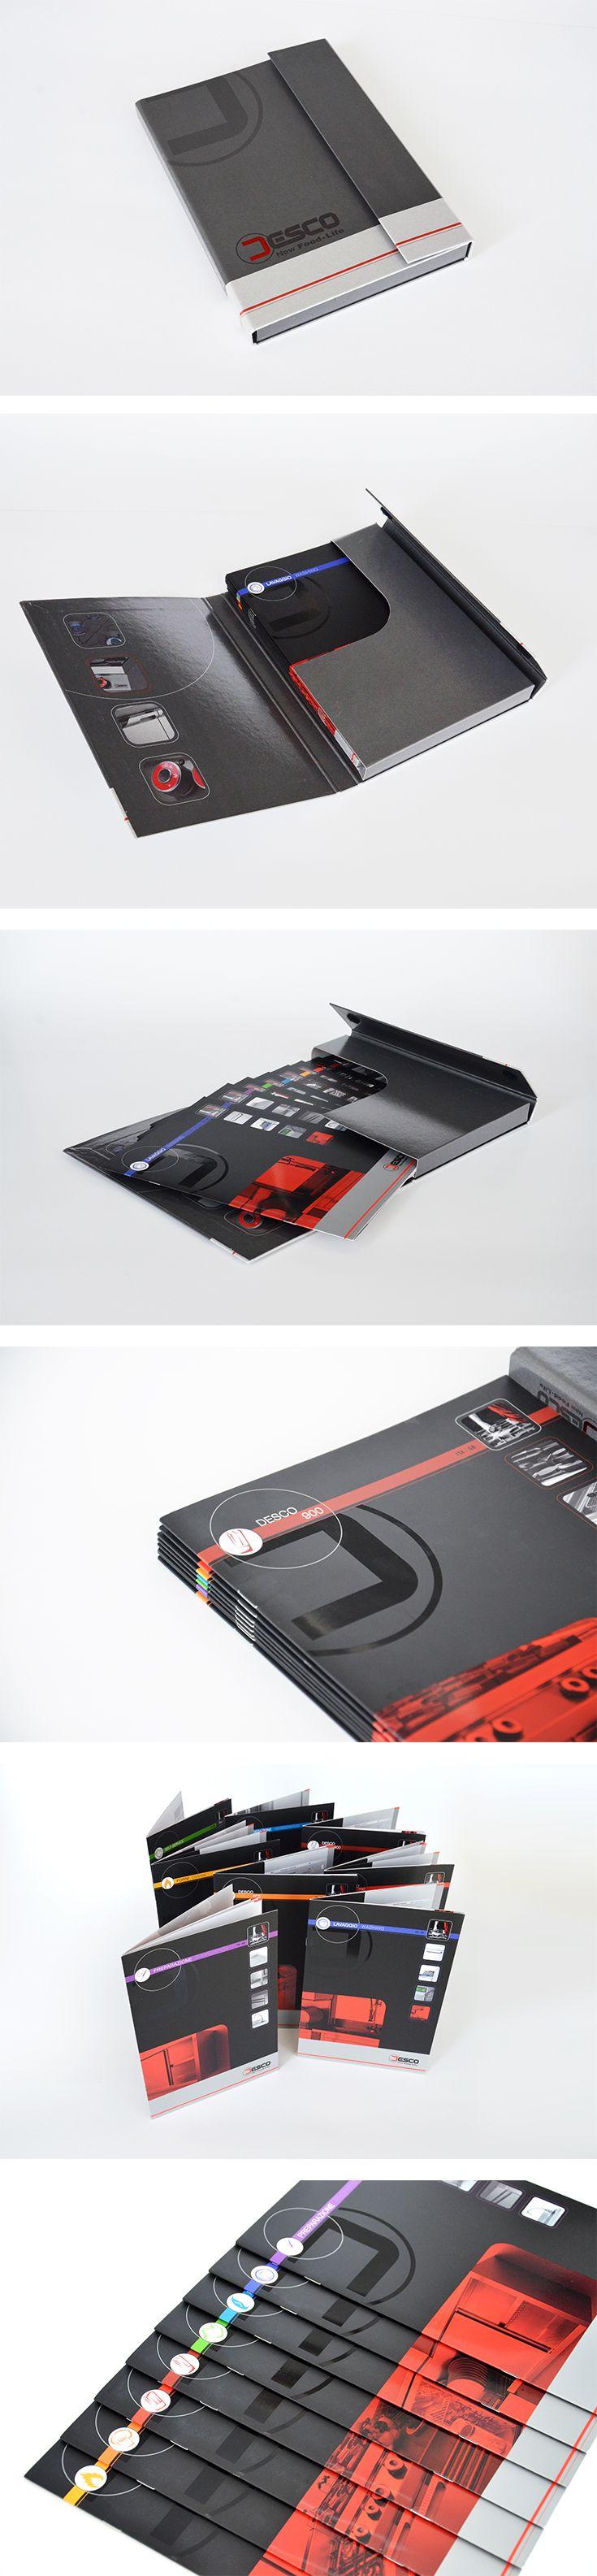 Desco cataloghi, un progetto #effADV - Desco #printing, effADV project - #catalogue #packaging